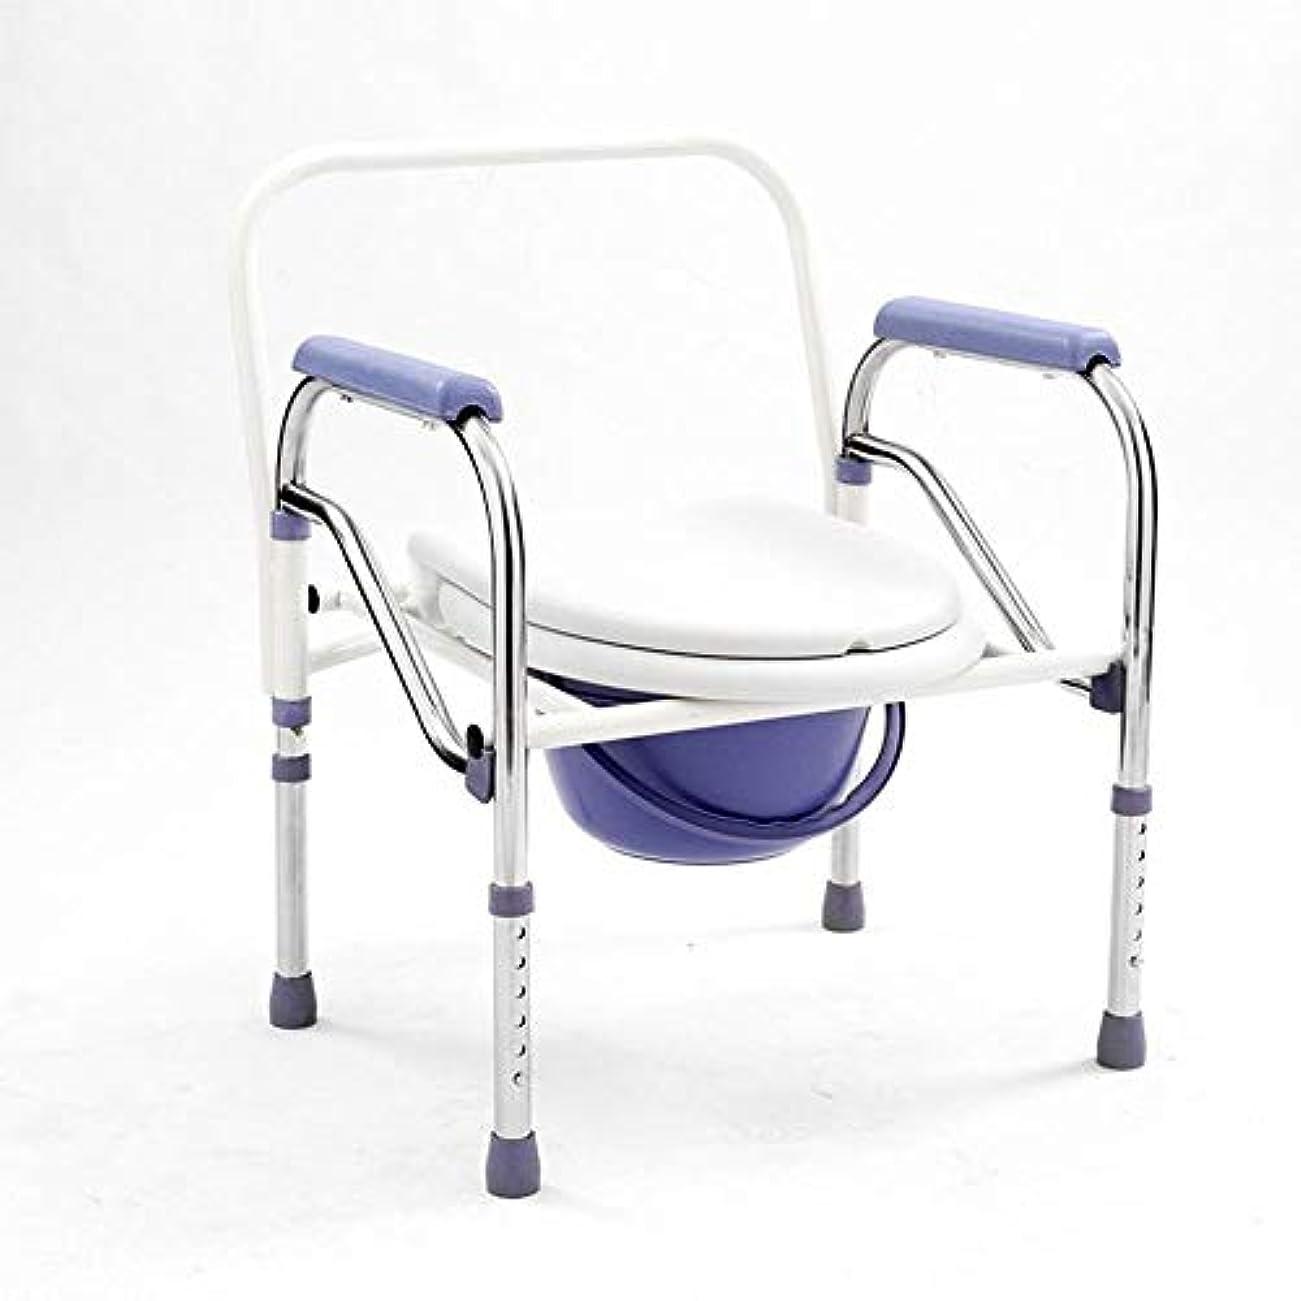 取るクローン悲しむ高齢者の歩行者のための多機能便器椅子、折りたたみ軽量便器椅子